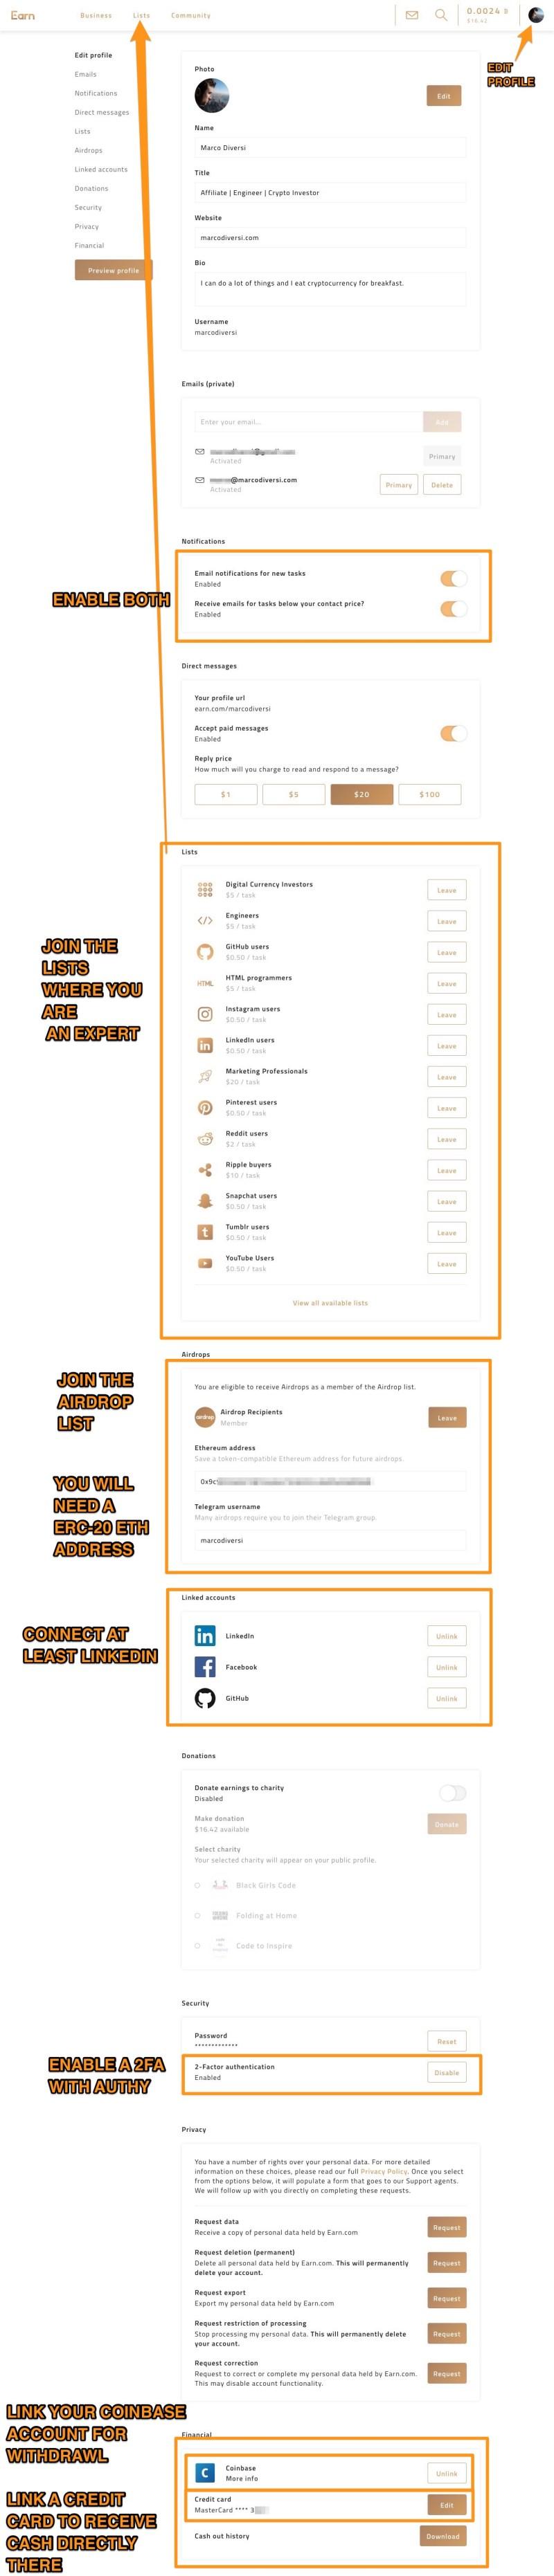 earn.com migliori impostazioni